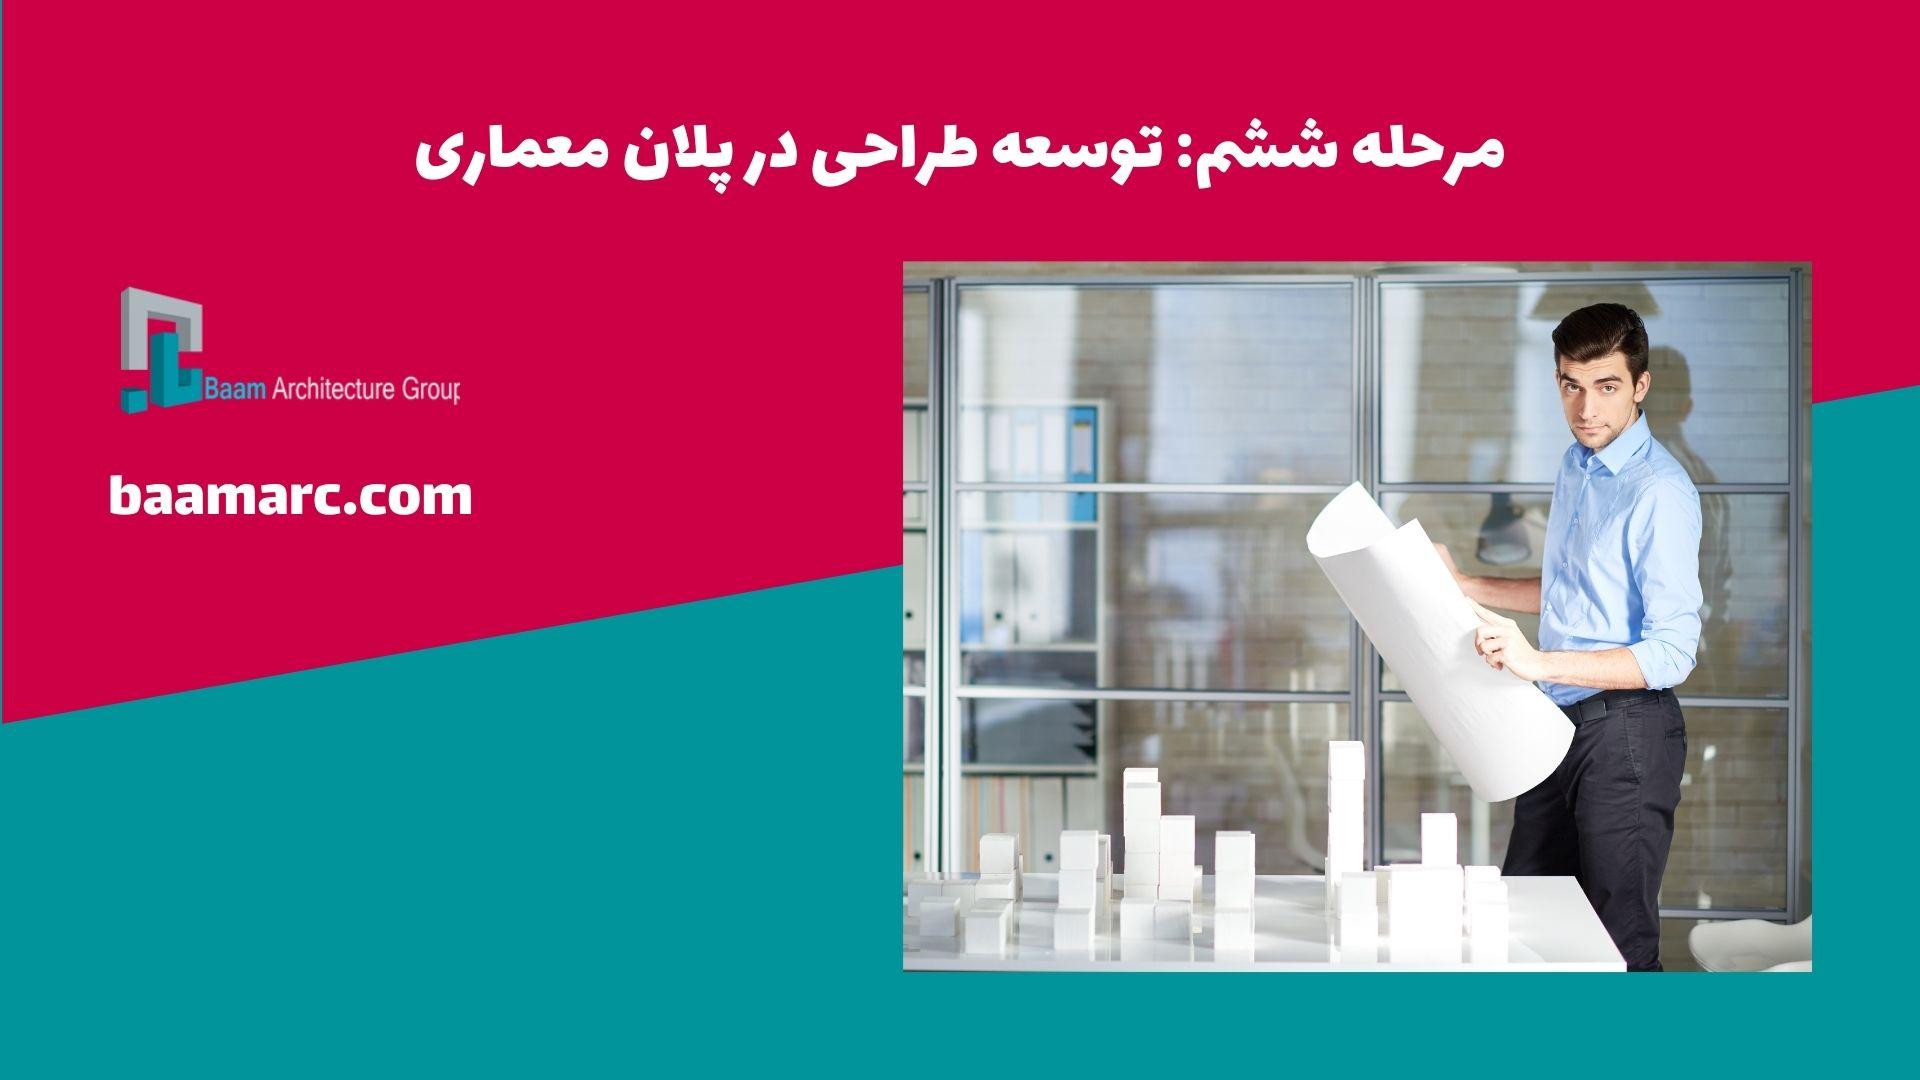 مرحله ششم: توسعه طراحی در پلان معماری